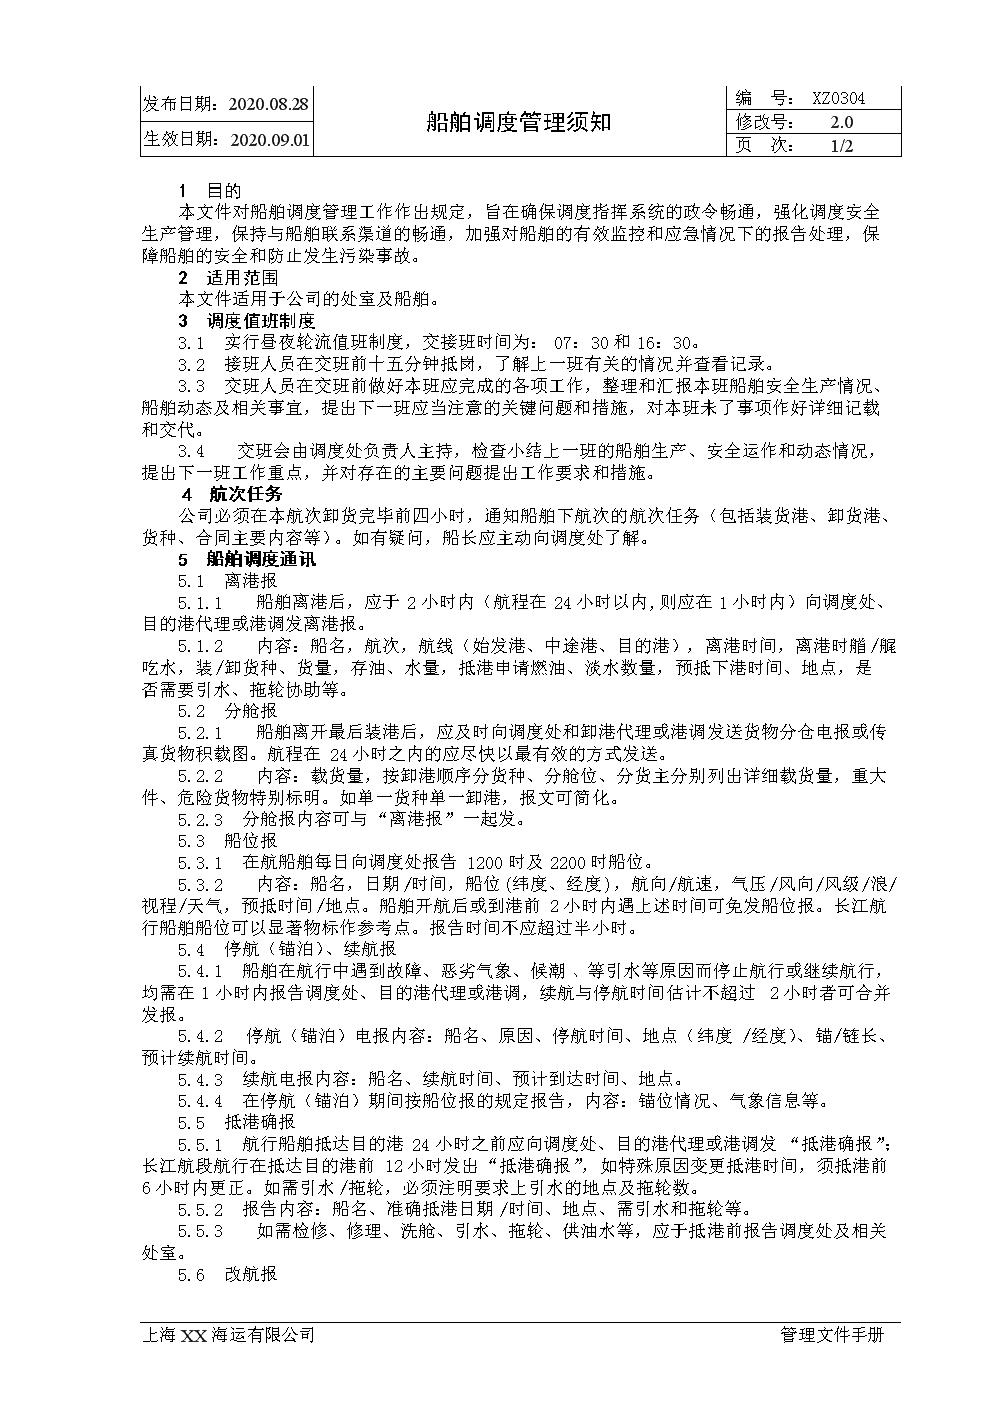 XX海運有限公司XX海運有限公司船舶調度管理須知.doc